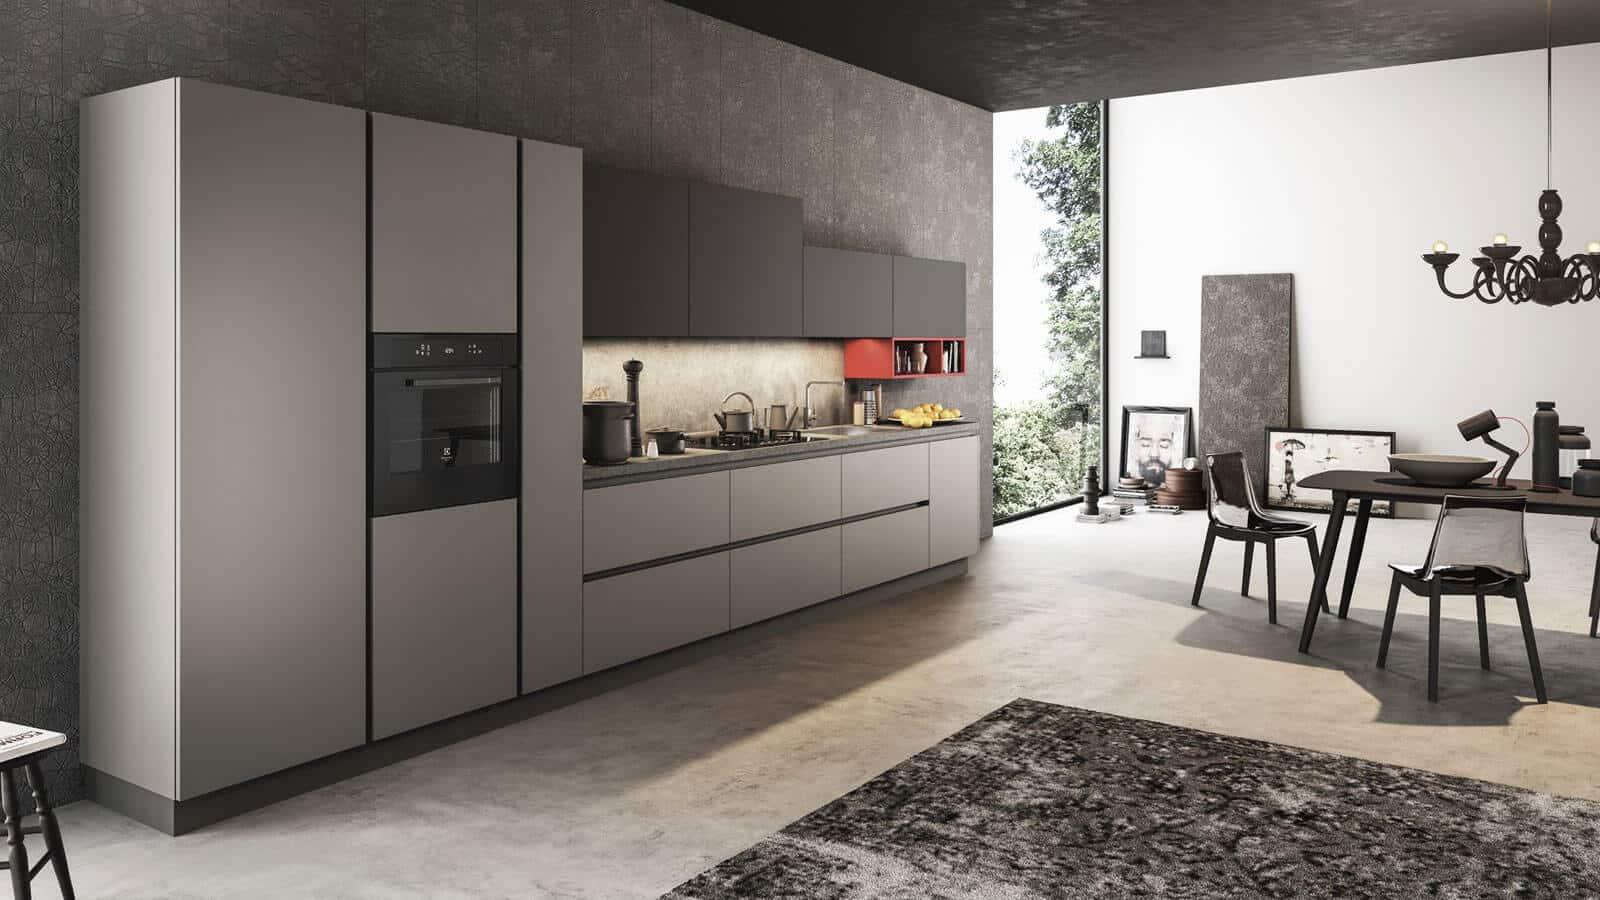 Cuisine Laquée Grise cuisine laquée | optimal cuisines & intérieurs | annecy